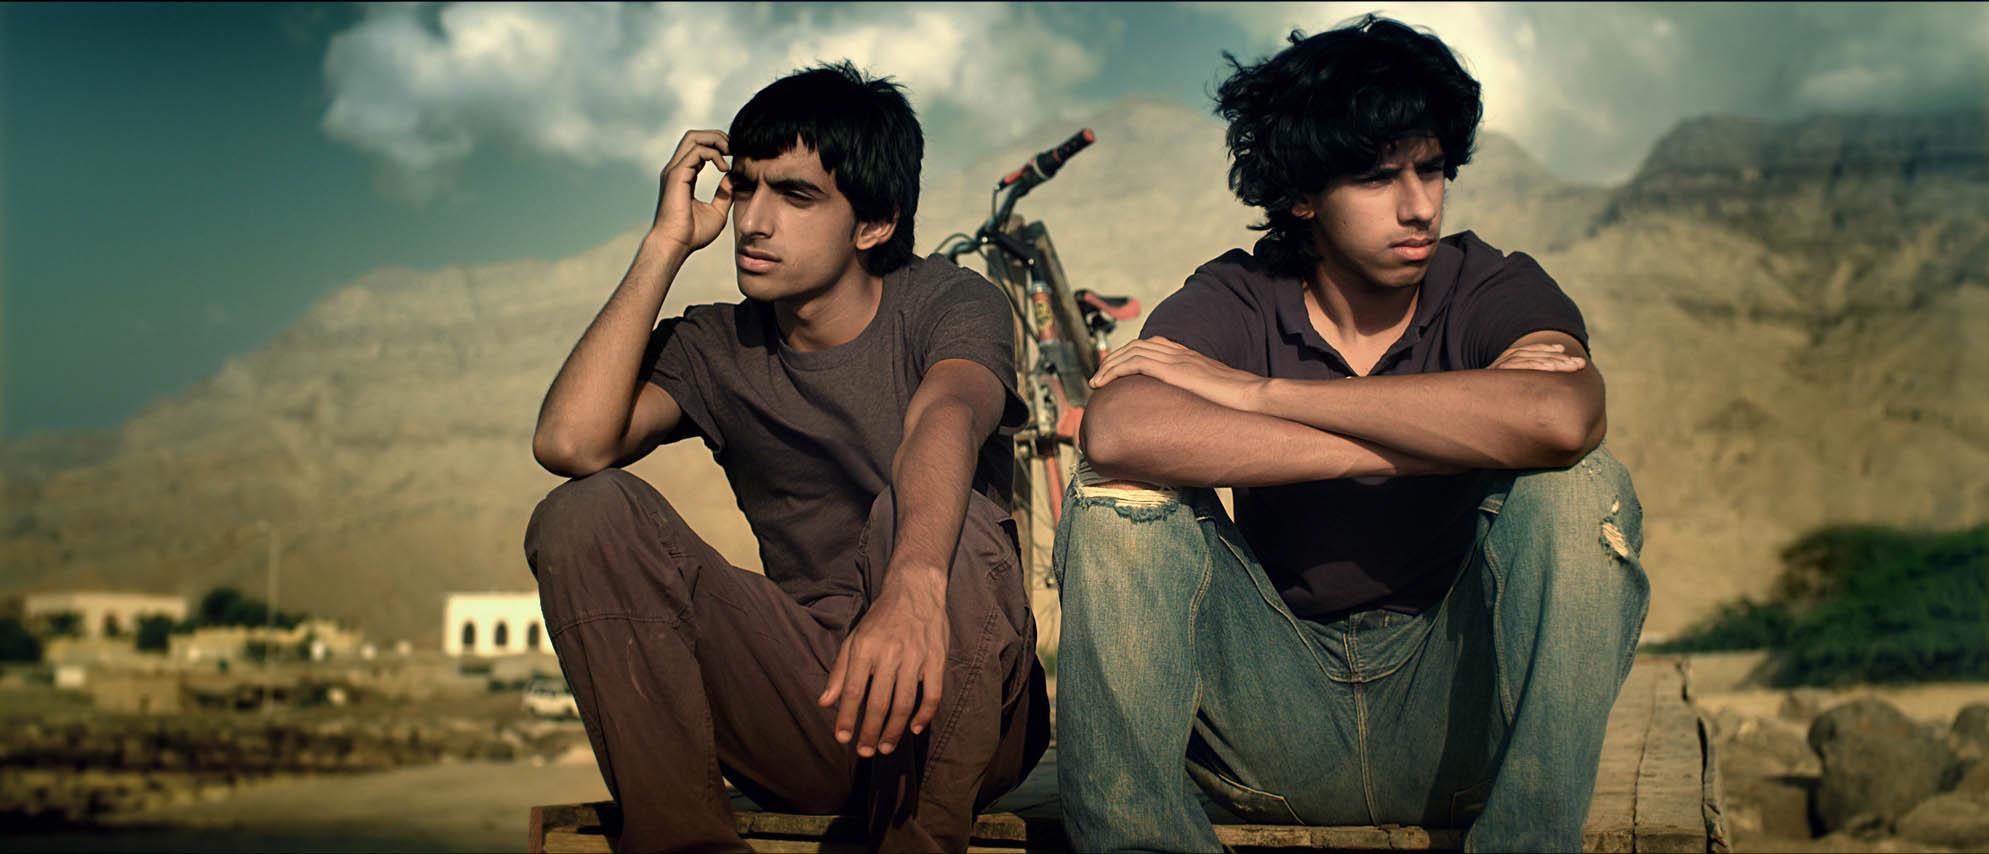 Sea of Shadows - The Sundance Film Festival